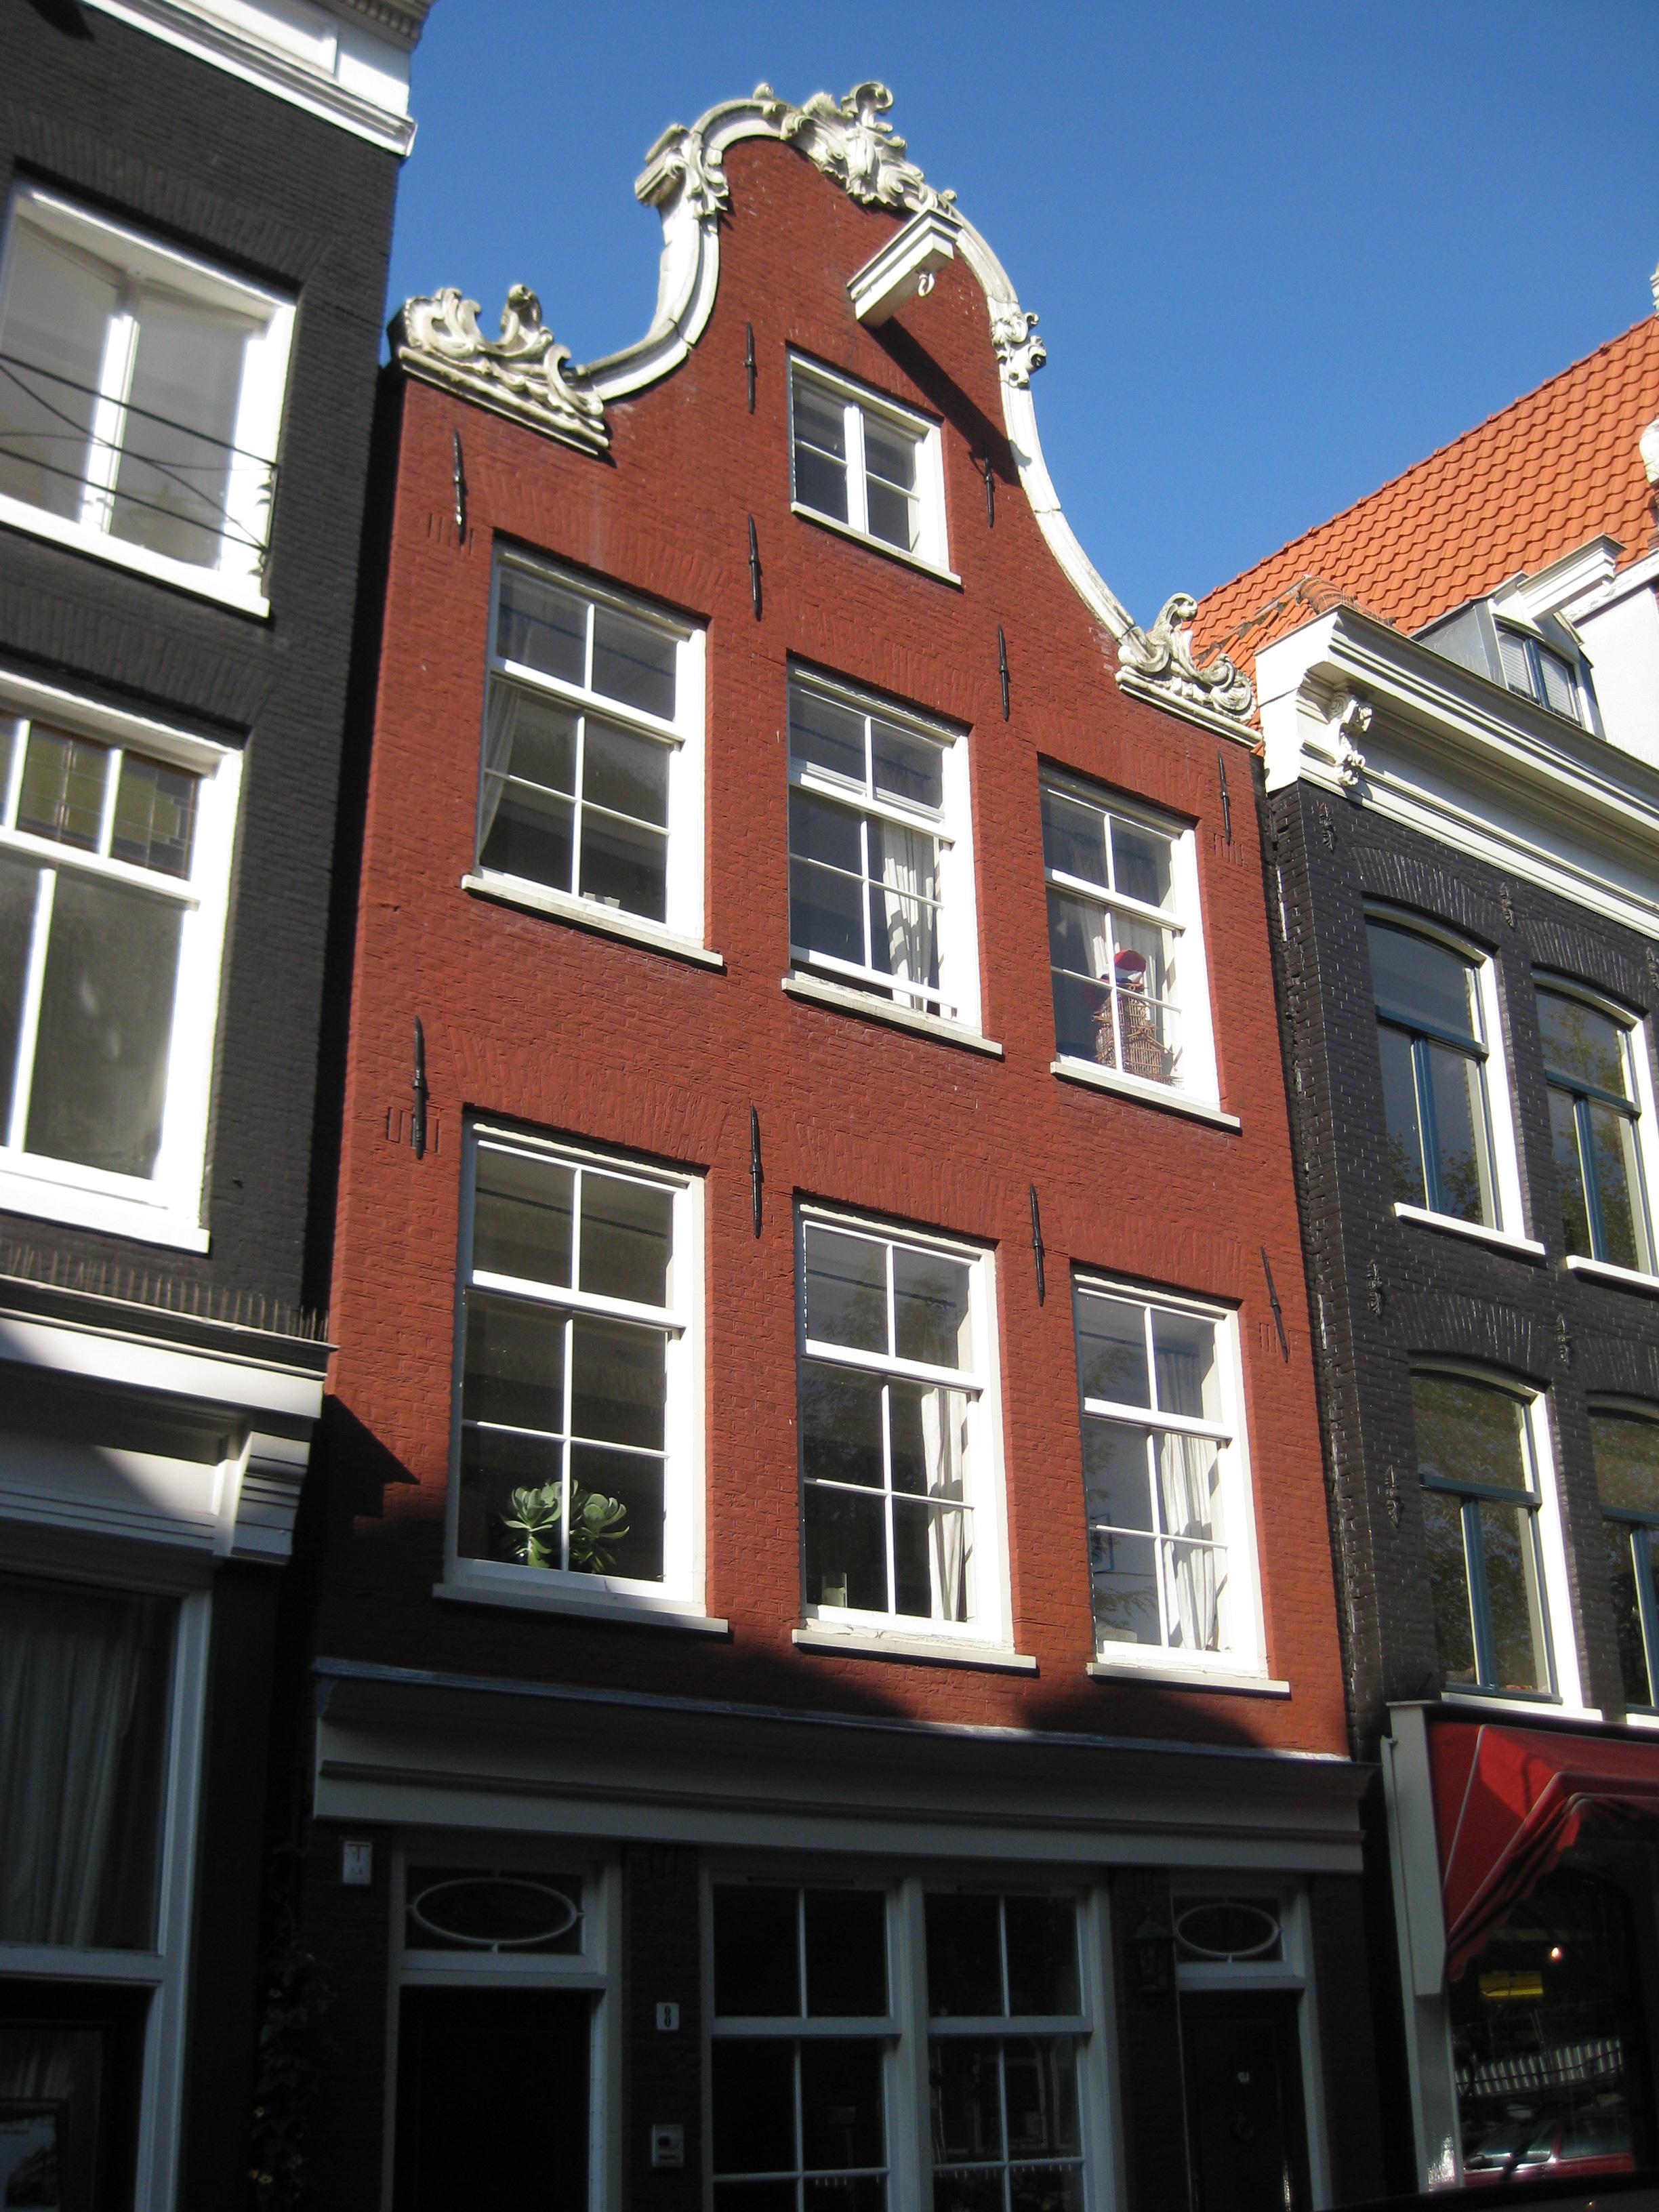 Nieuwe gevel met oude kloktop in amsterdam monument - Oude huis gevel ...